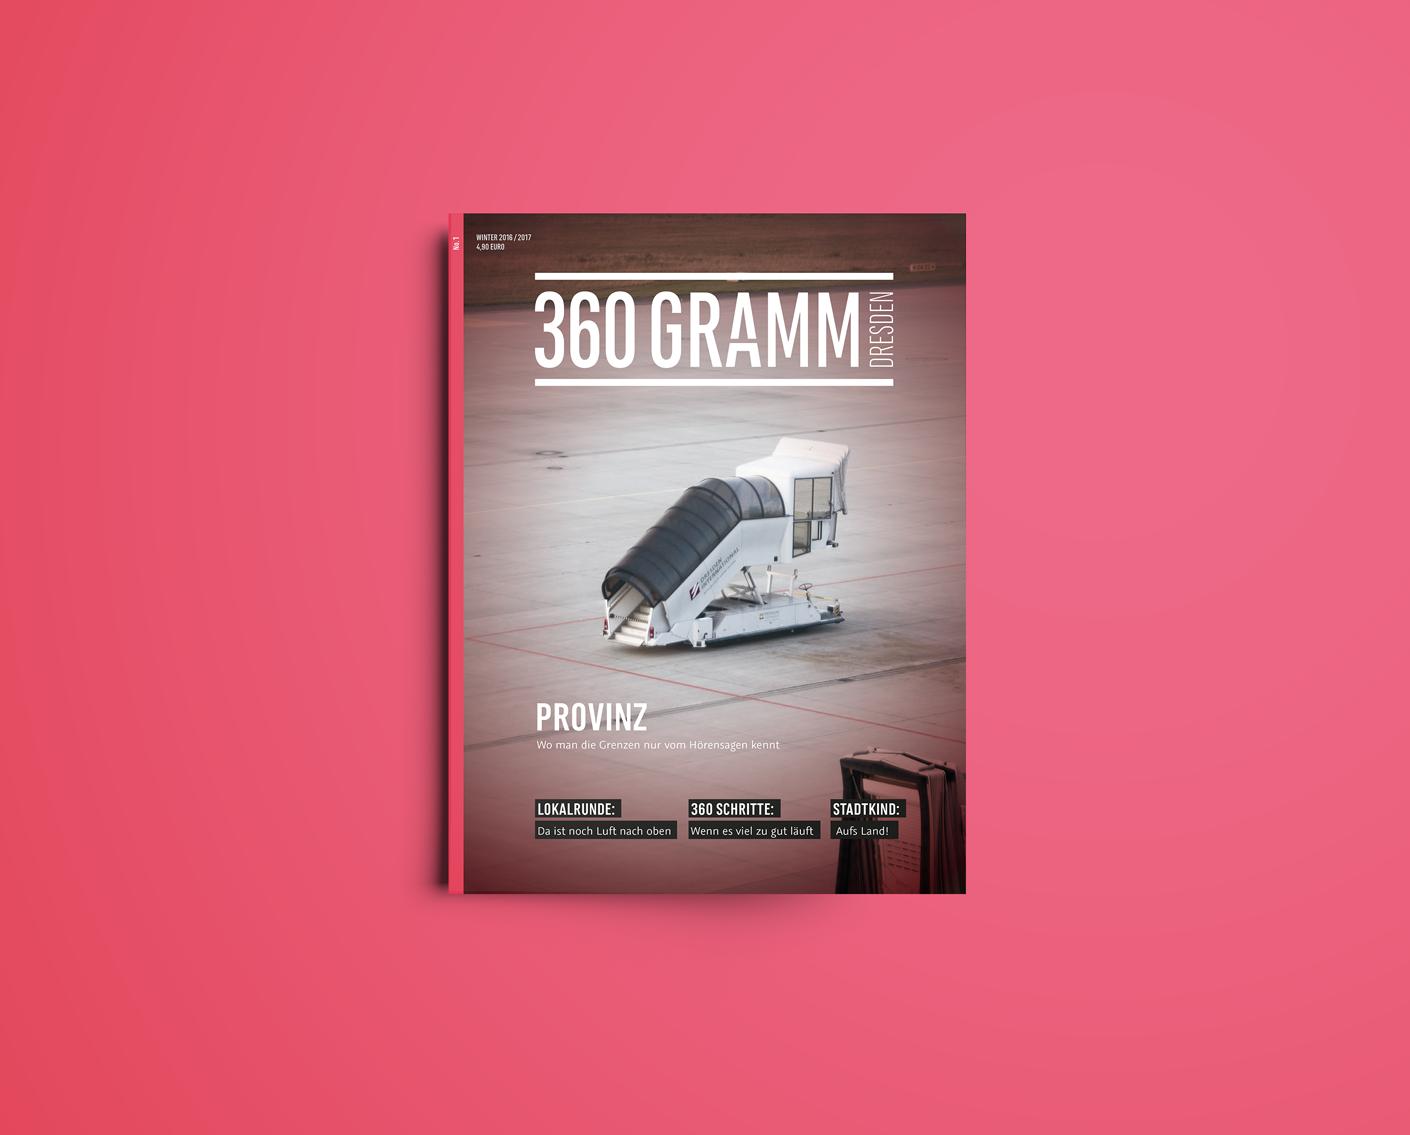 360 Gramm